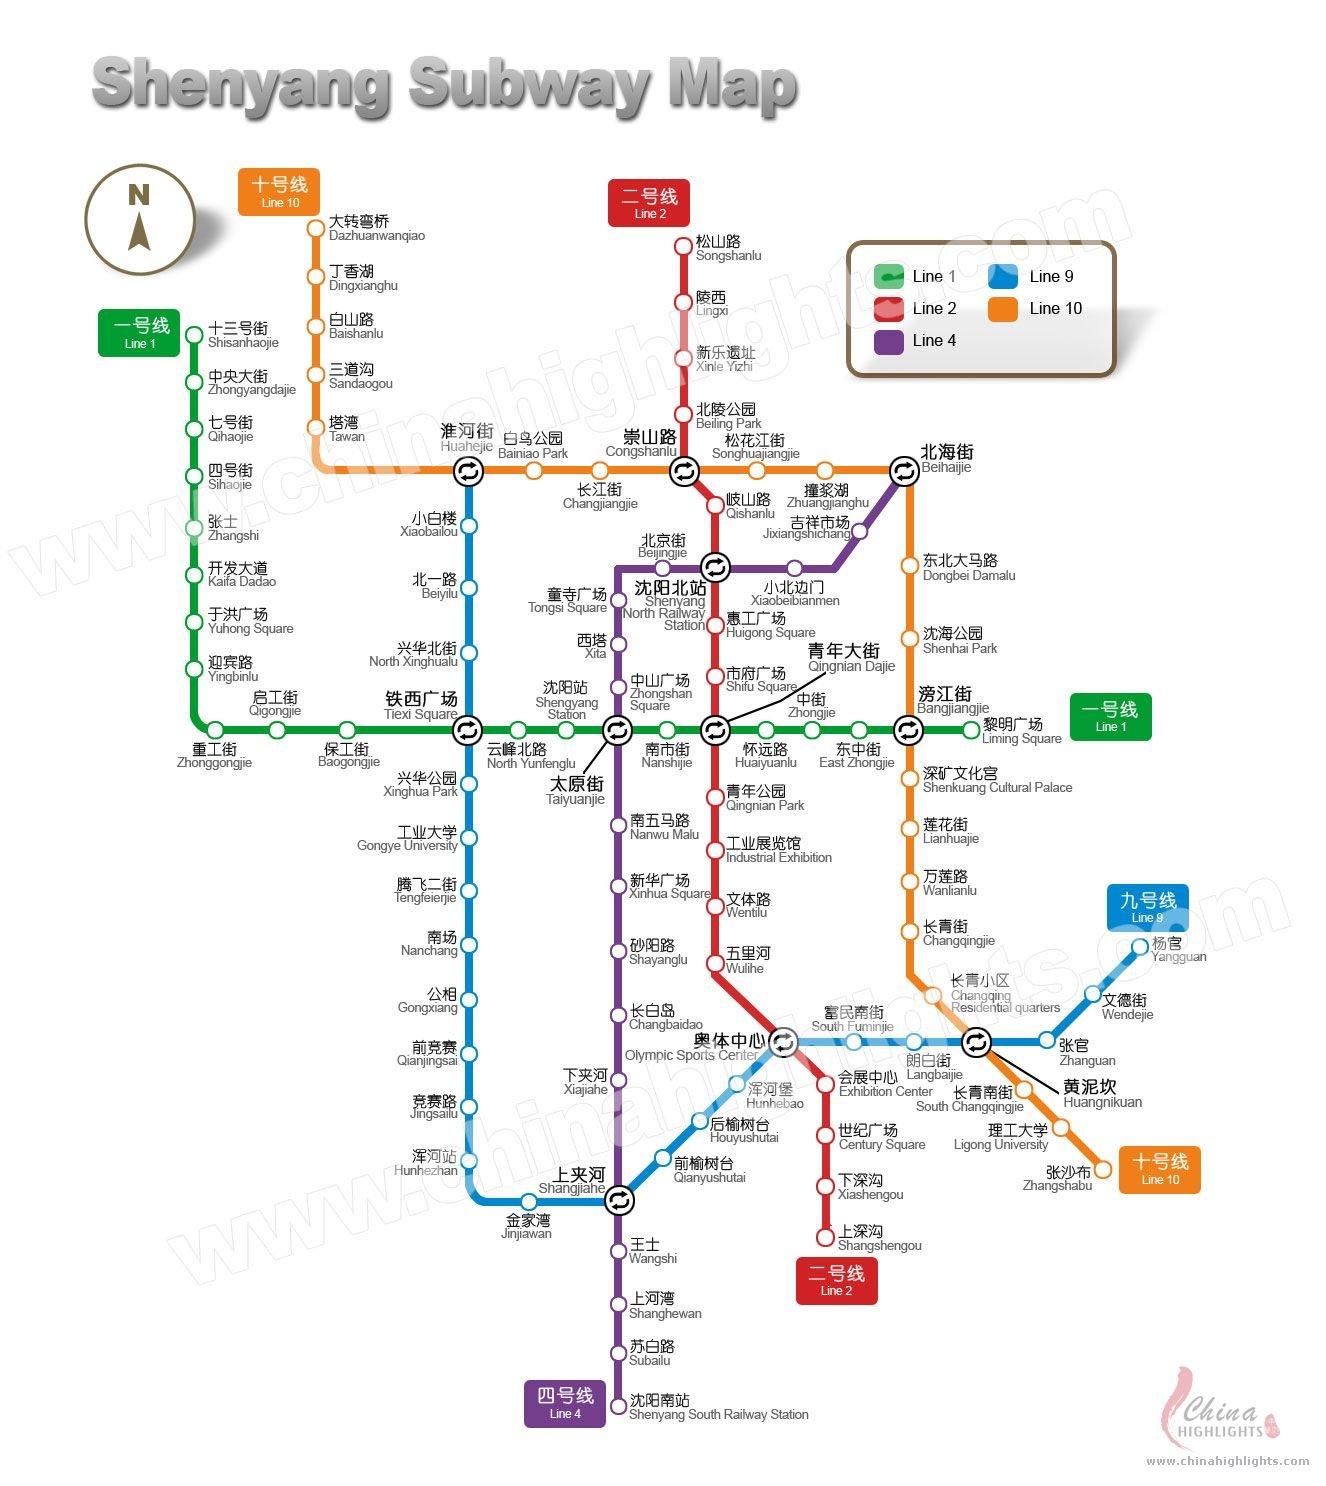 Shenyang Subway Map